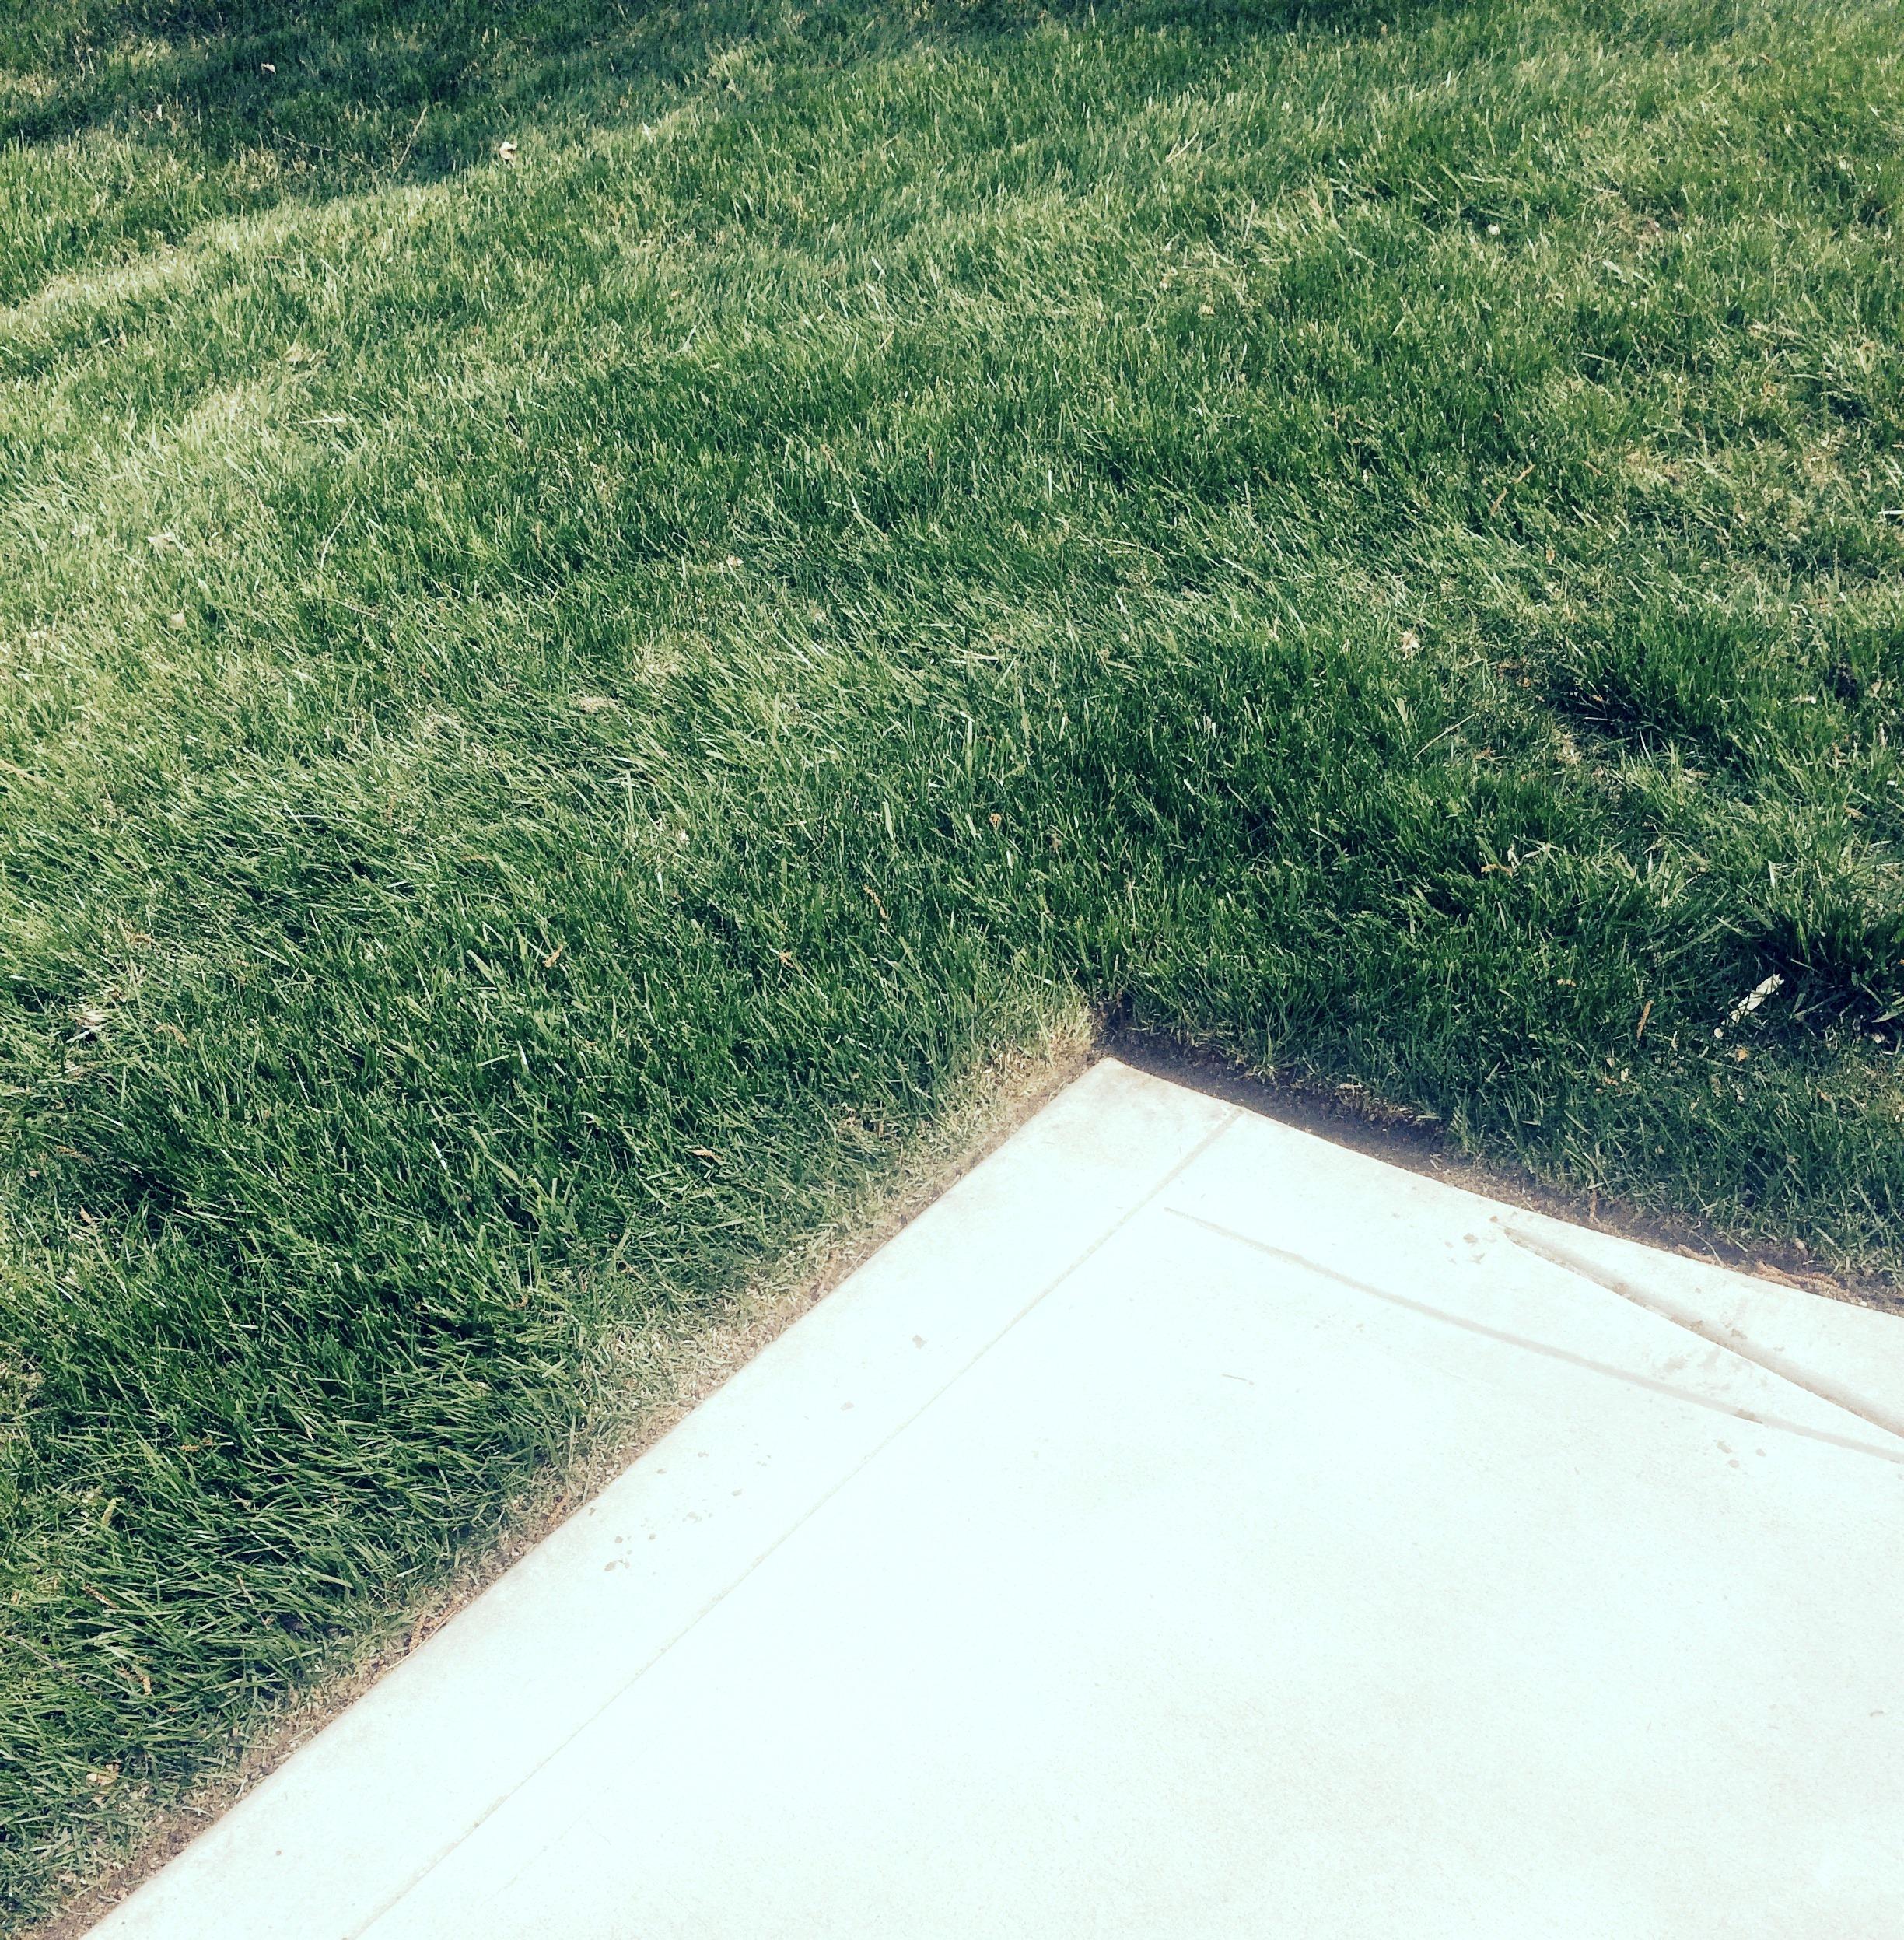 lawn edging carmel landscaper TWPXRFM